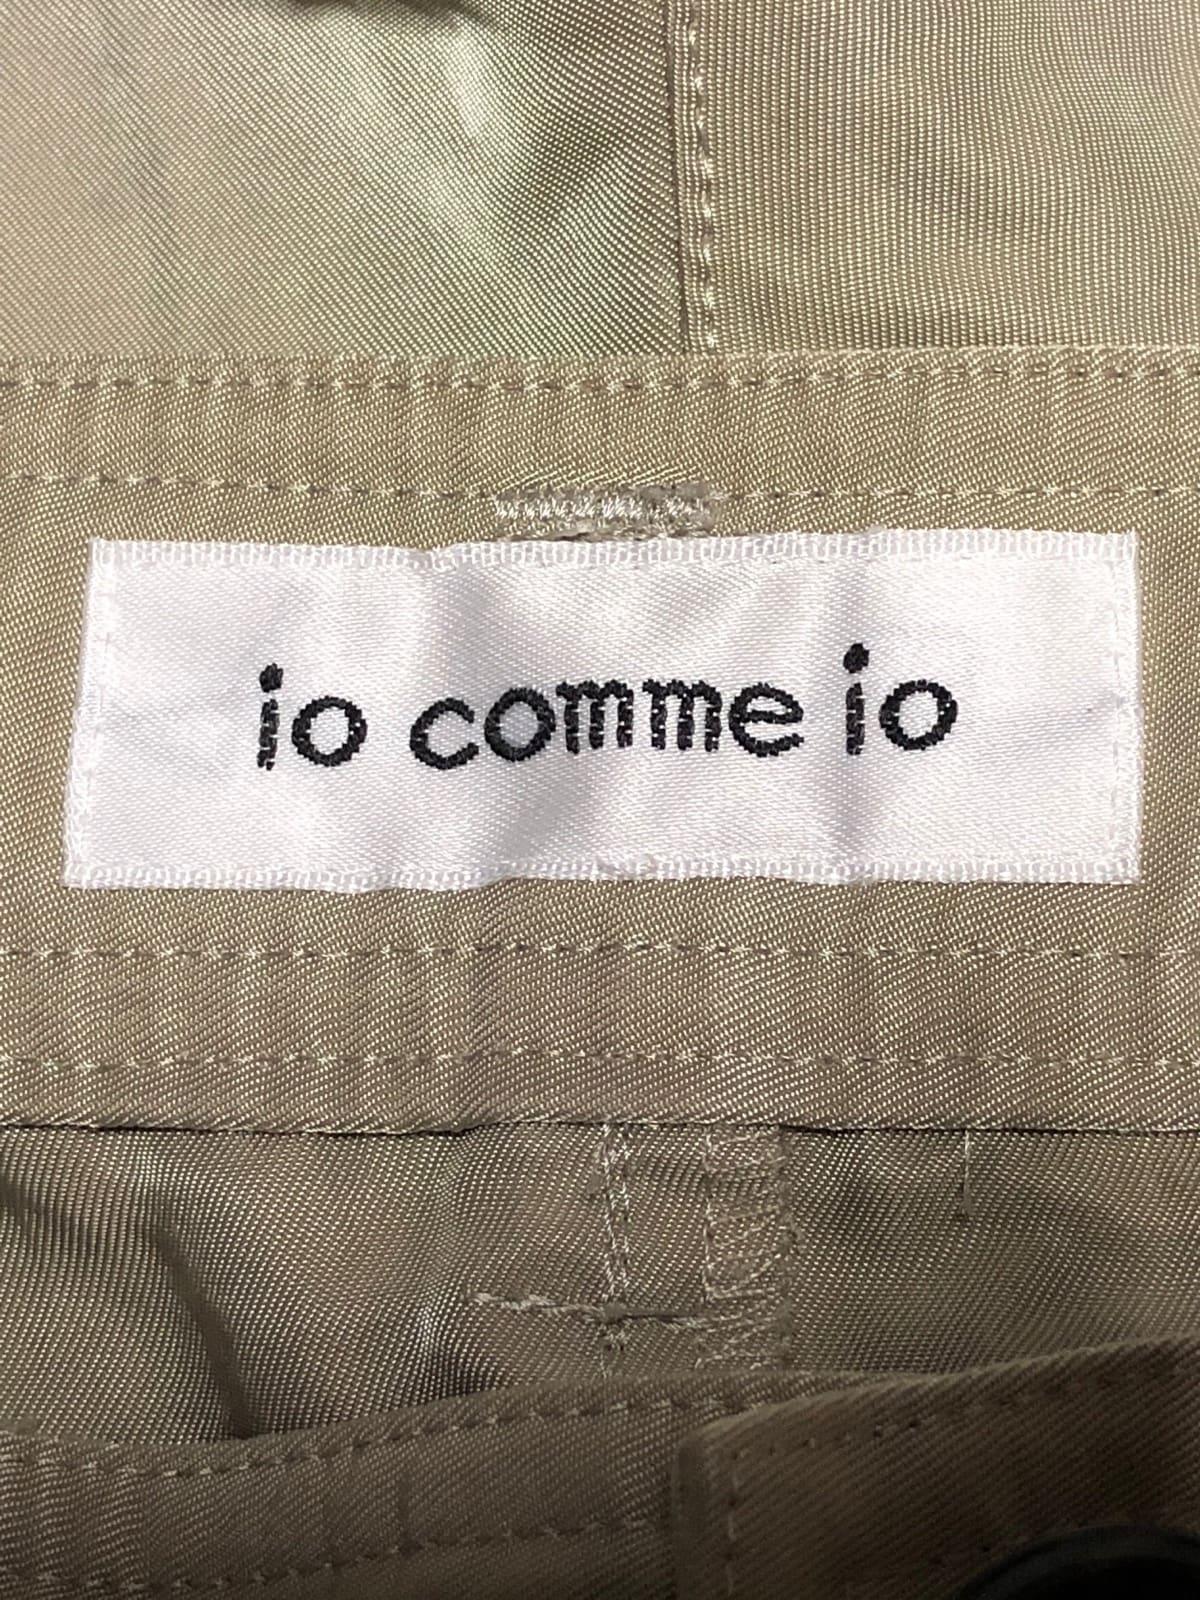 io comme io(イオコムイオ センソユニコ)のパンツ